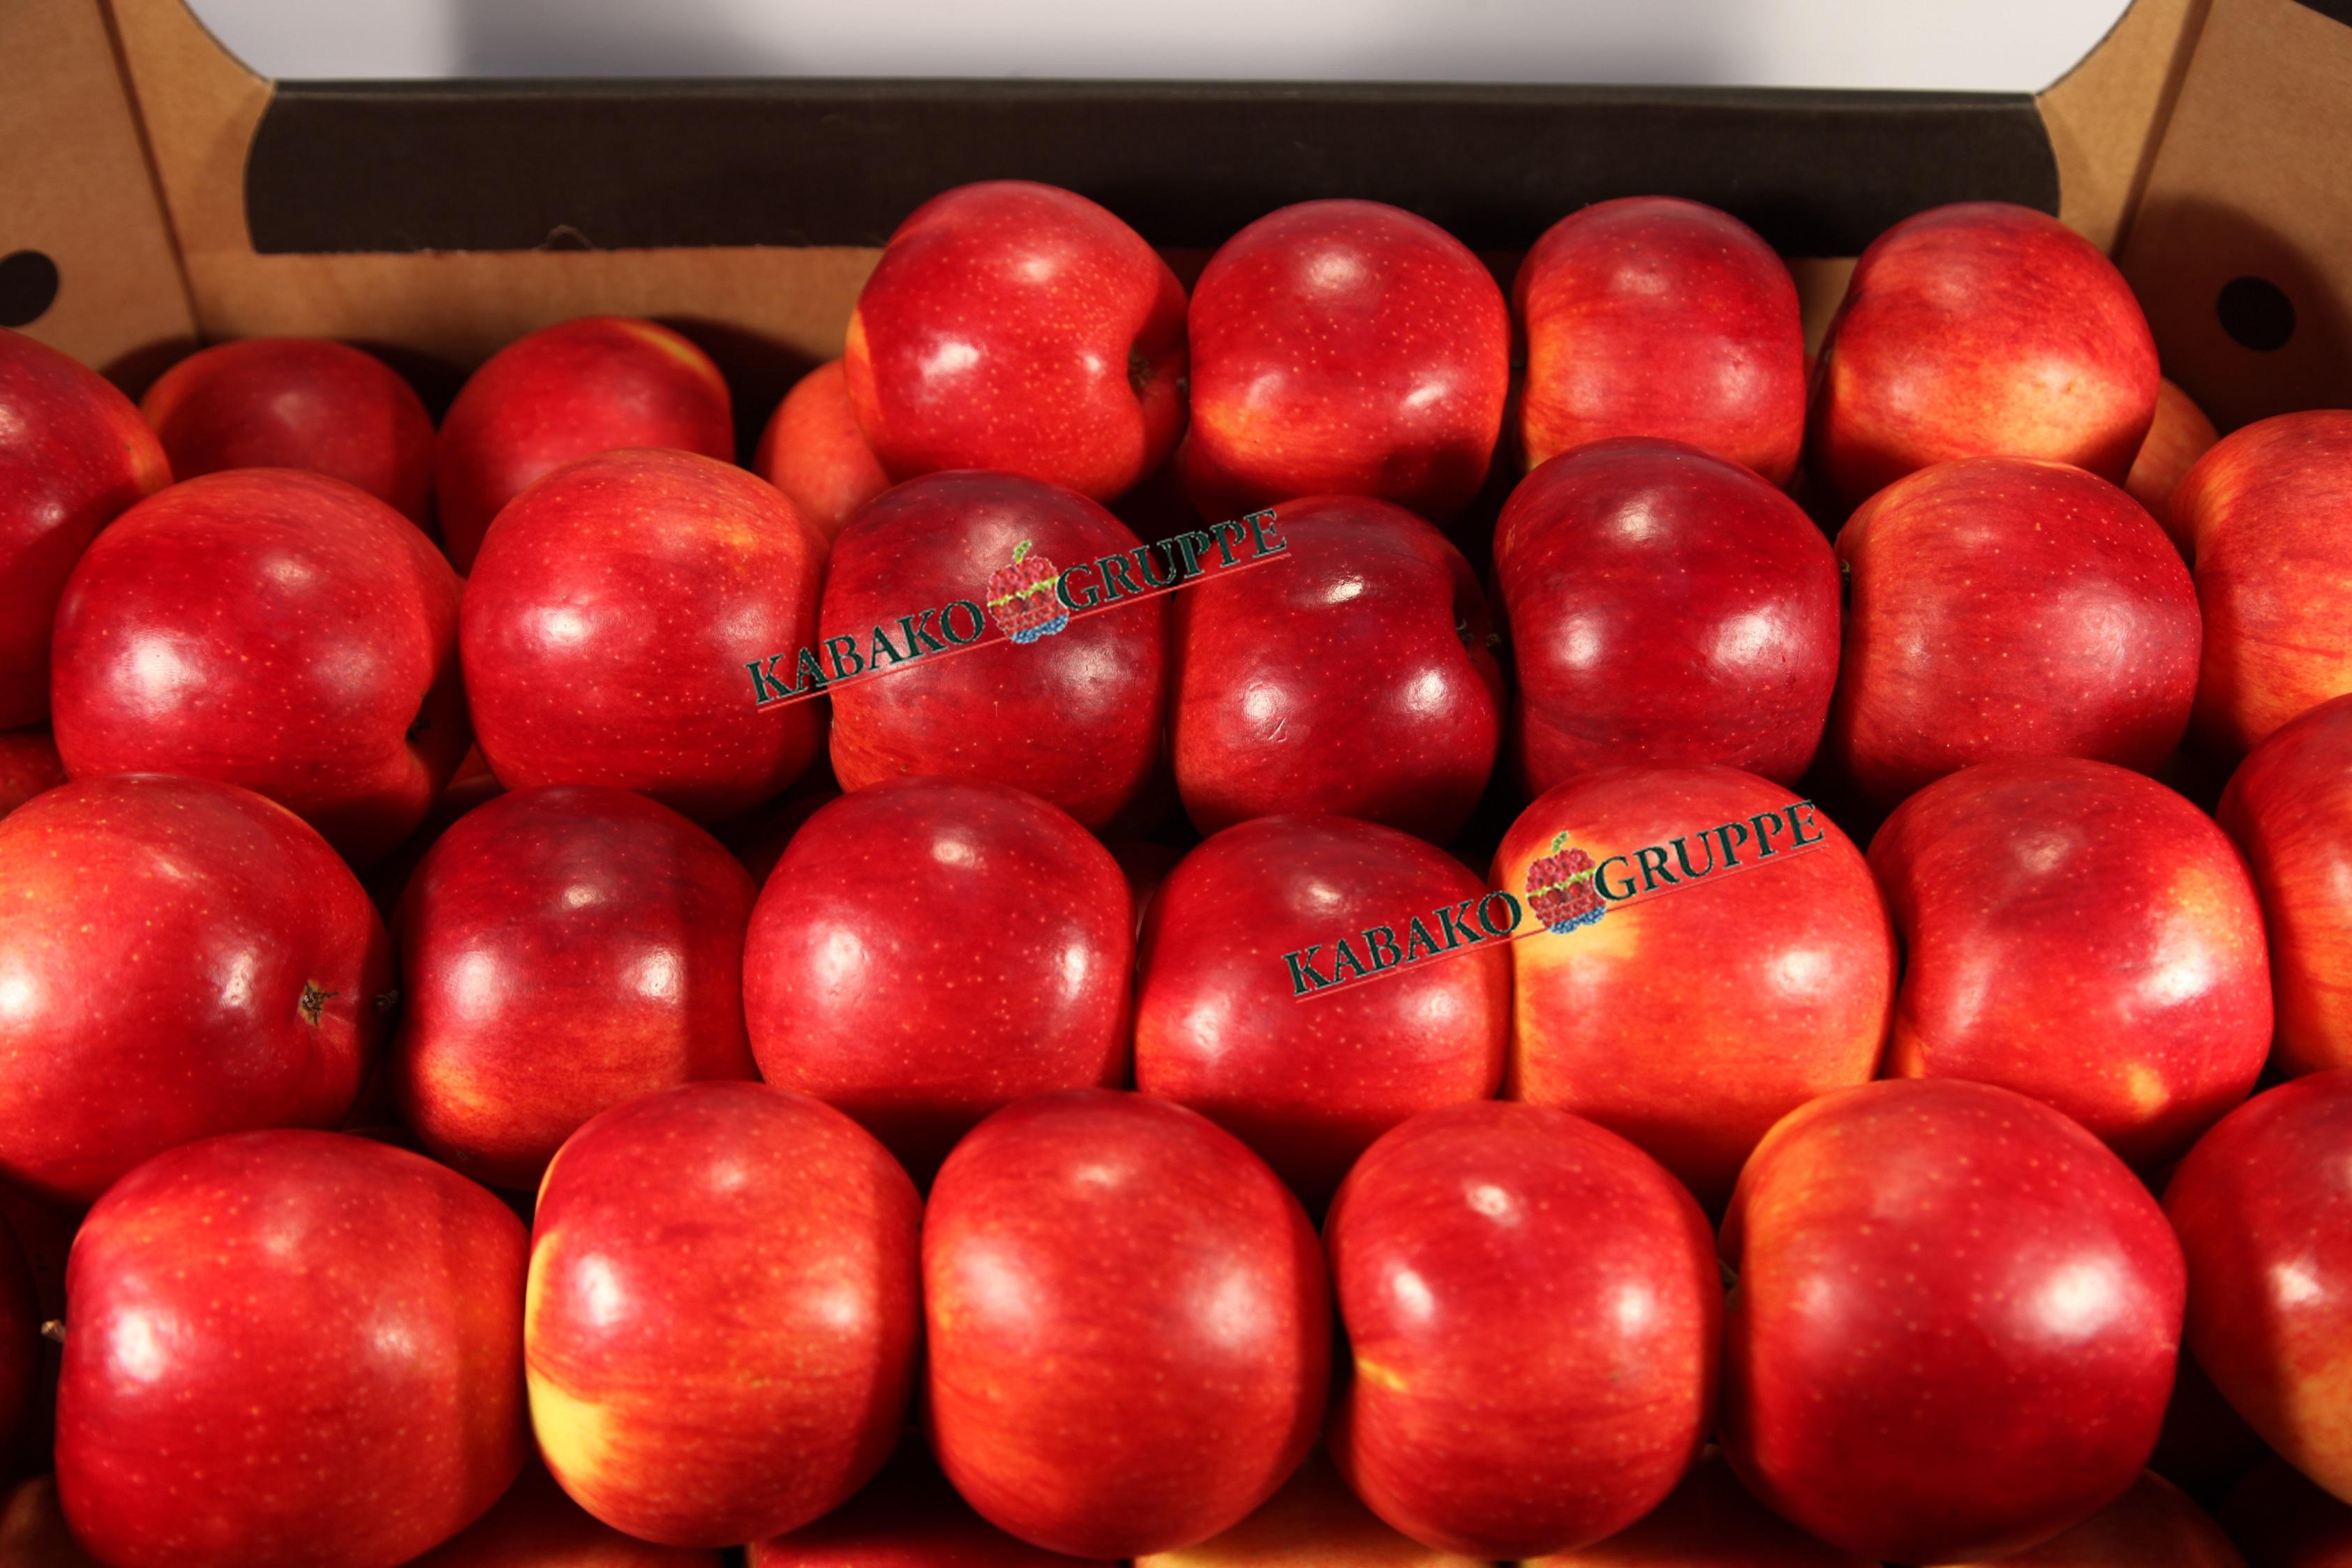 Frozen (IQF) Apples 49